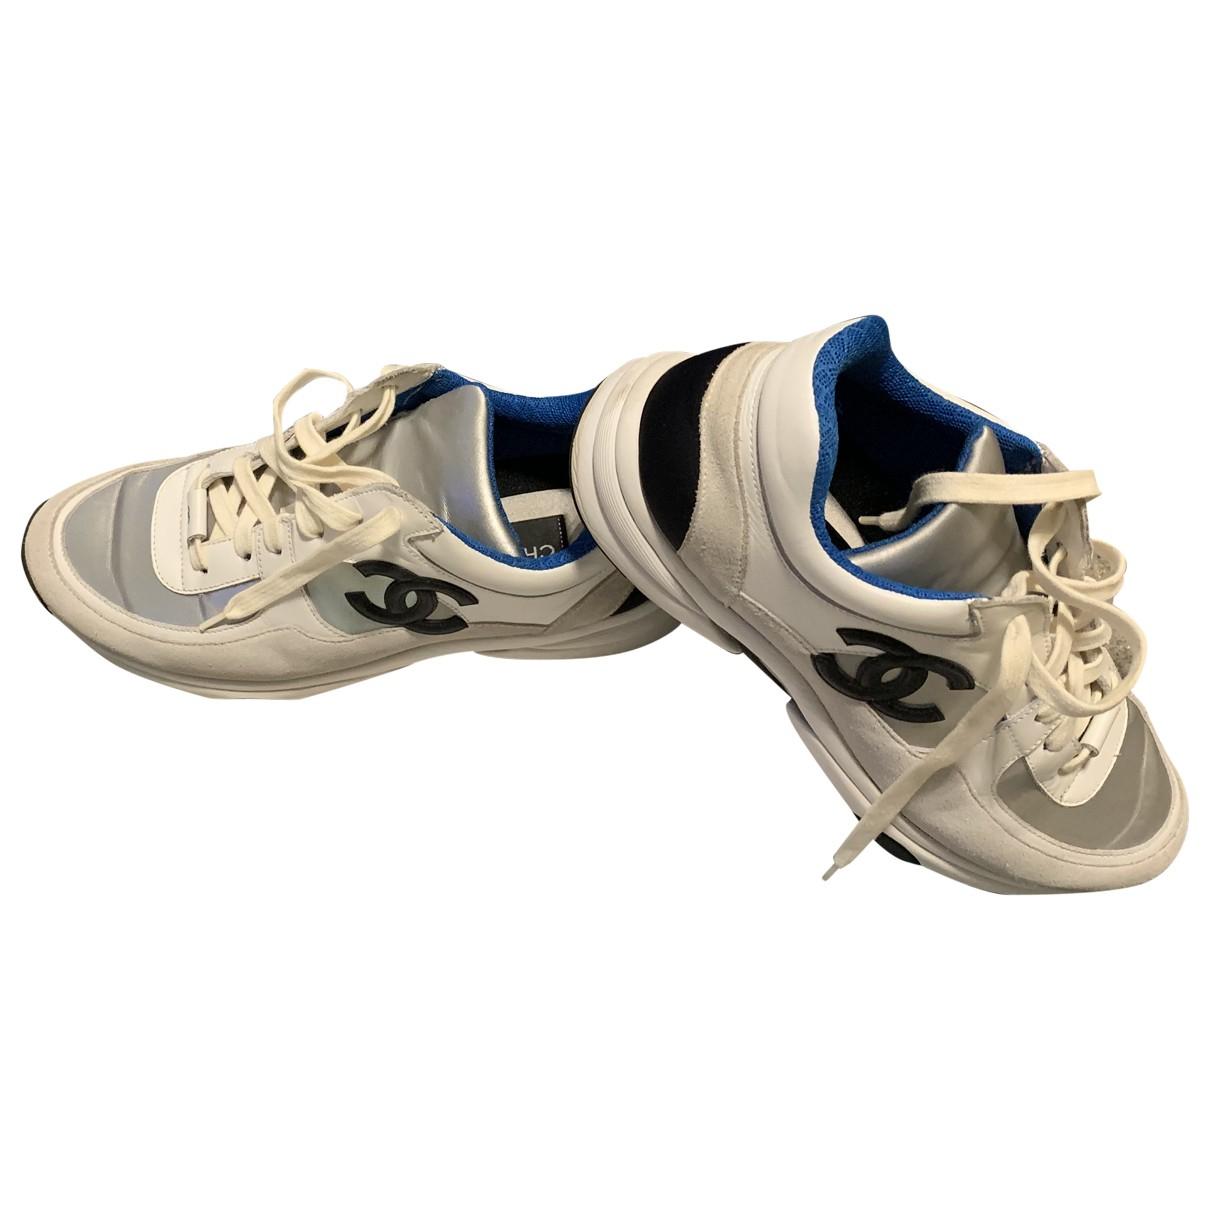 Chanel \N Sneakers in  Weiss Leinen